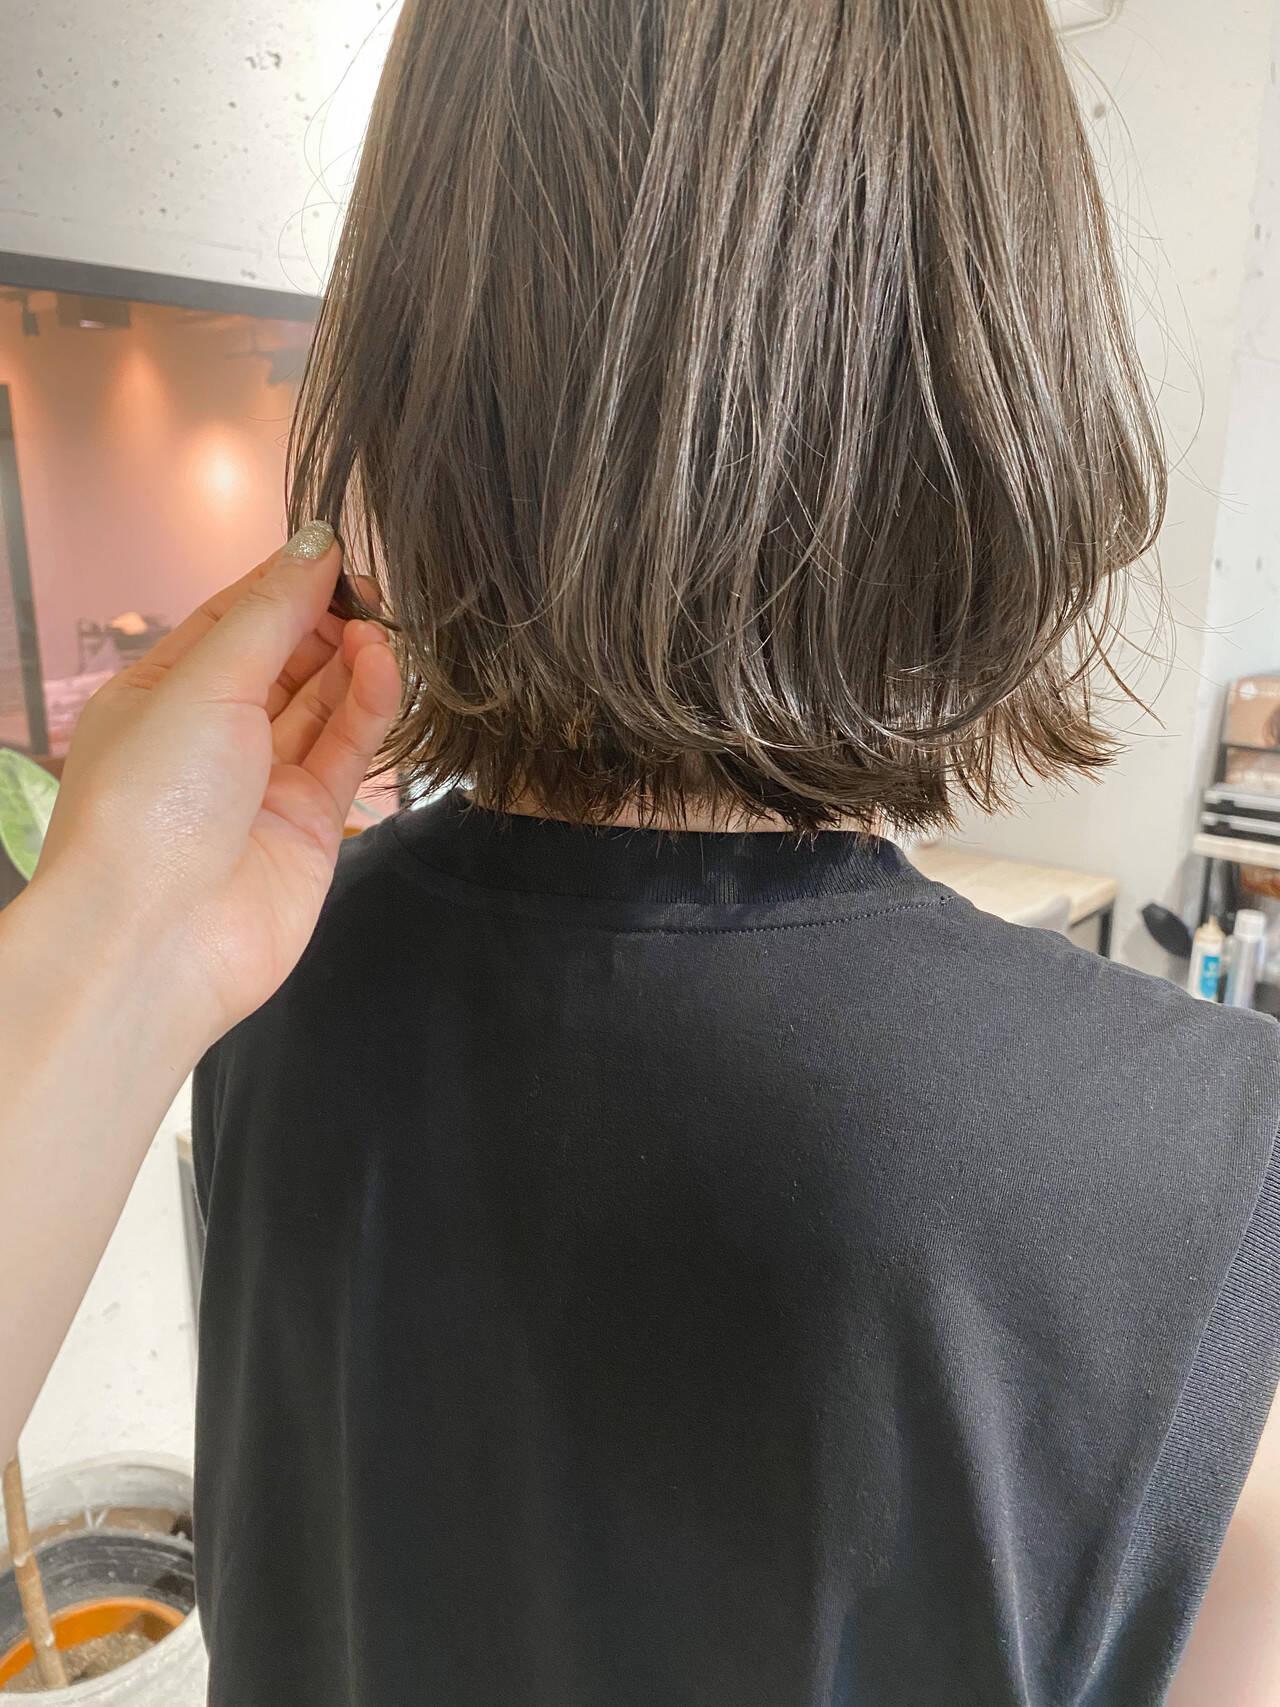 ナチュラル ブルージュ 暗髪 ベージュヘアスタイルや髪型の写真・画像